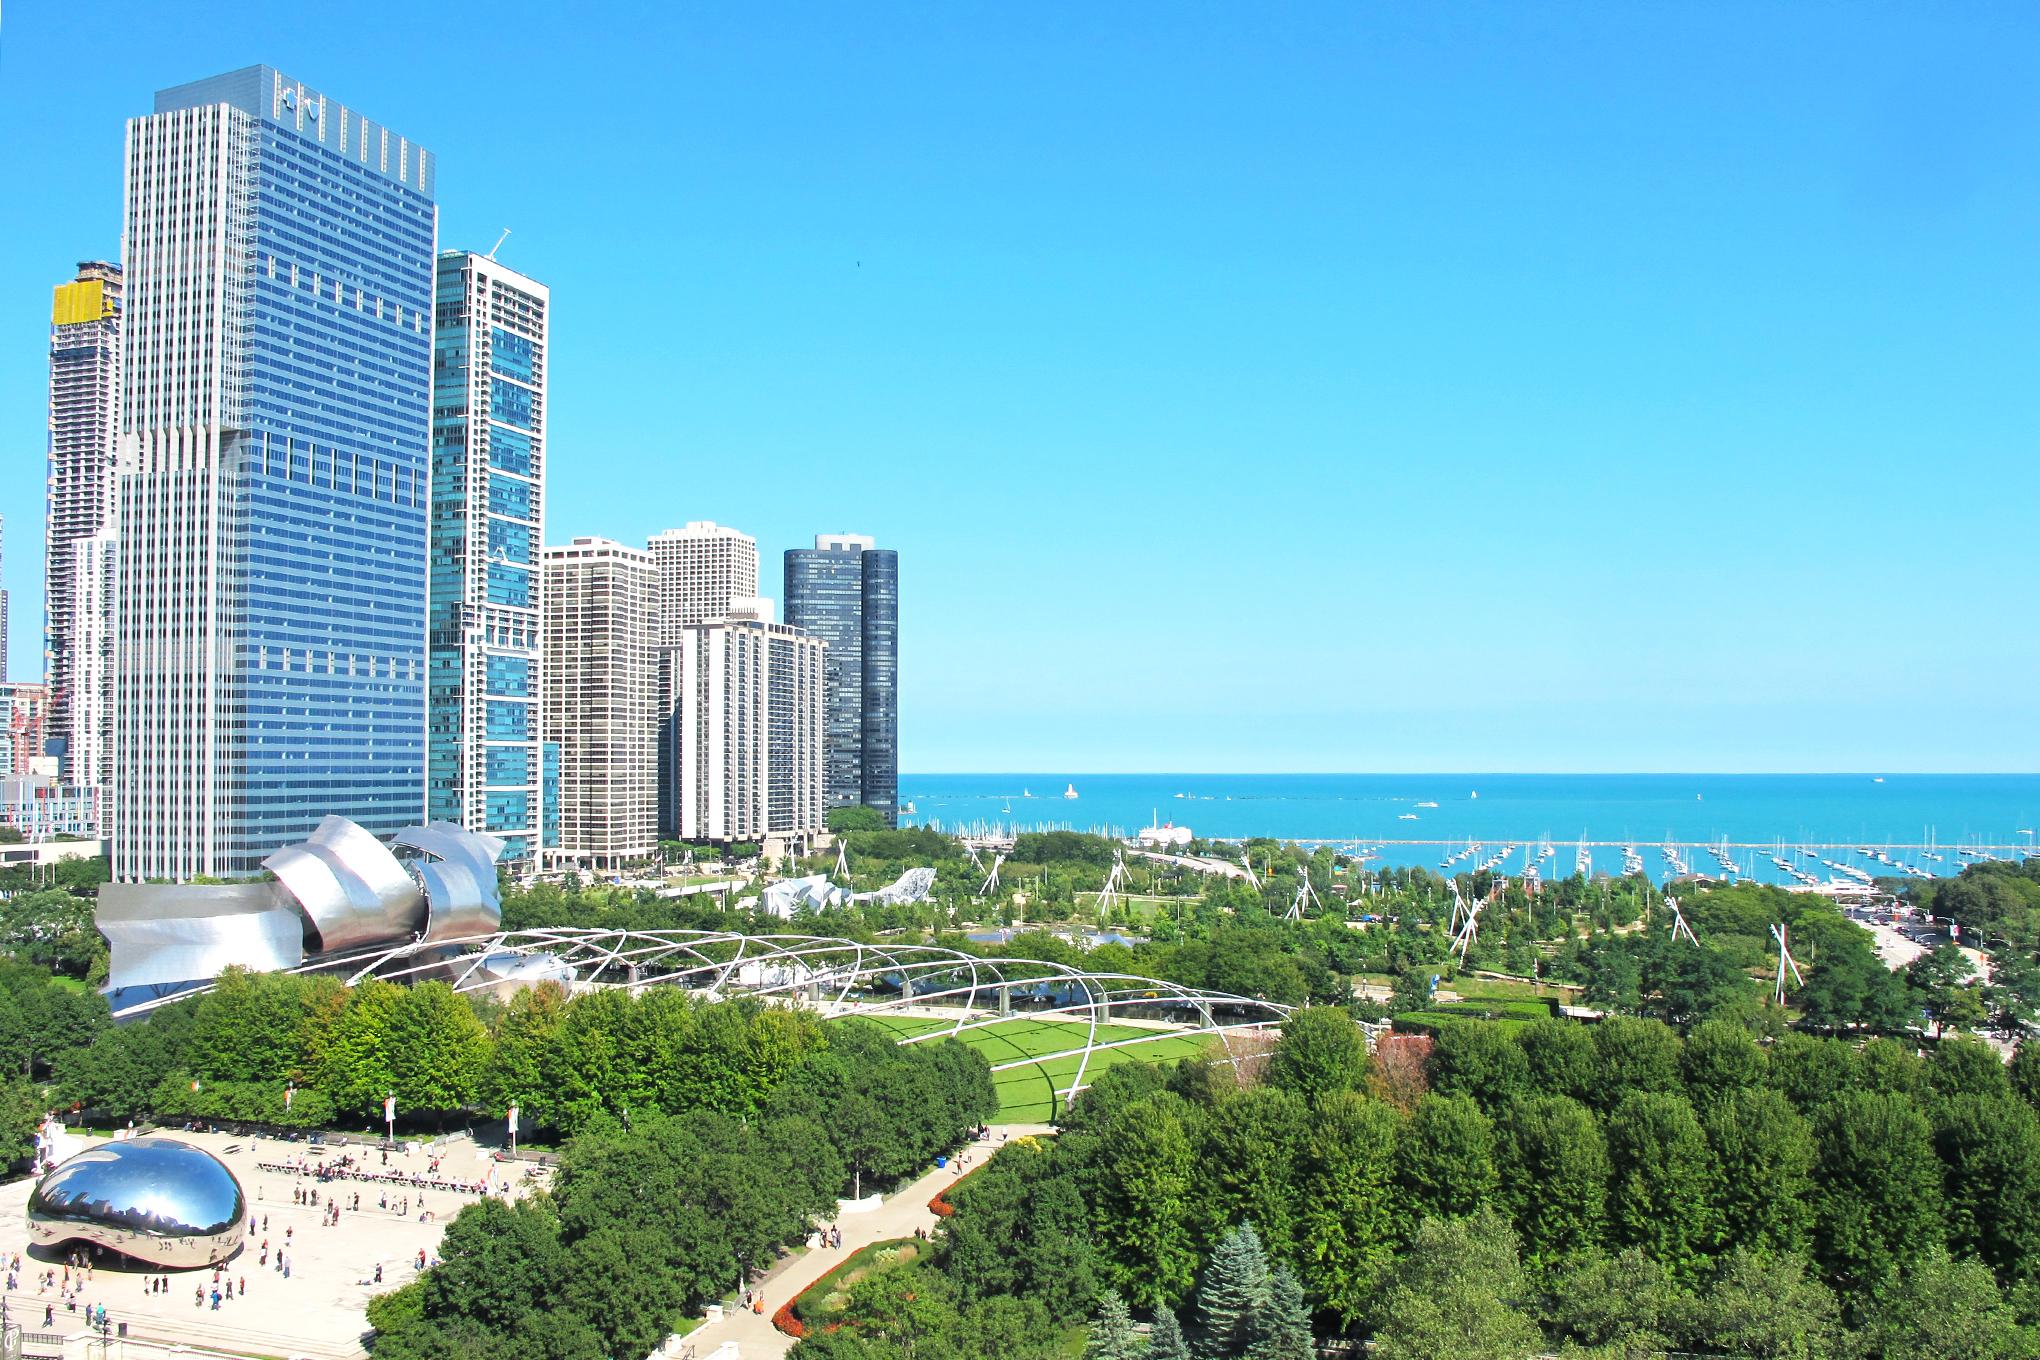 MoP_Chicago_17.JPG